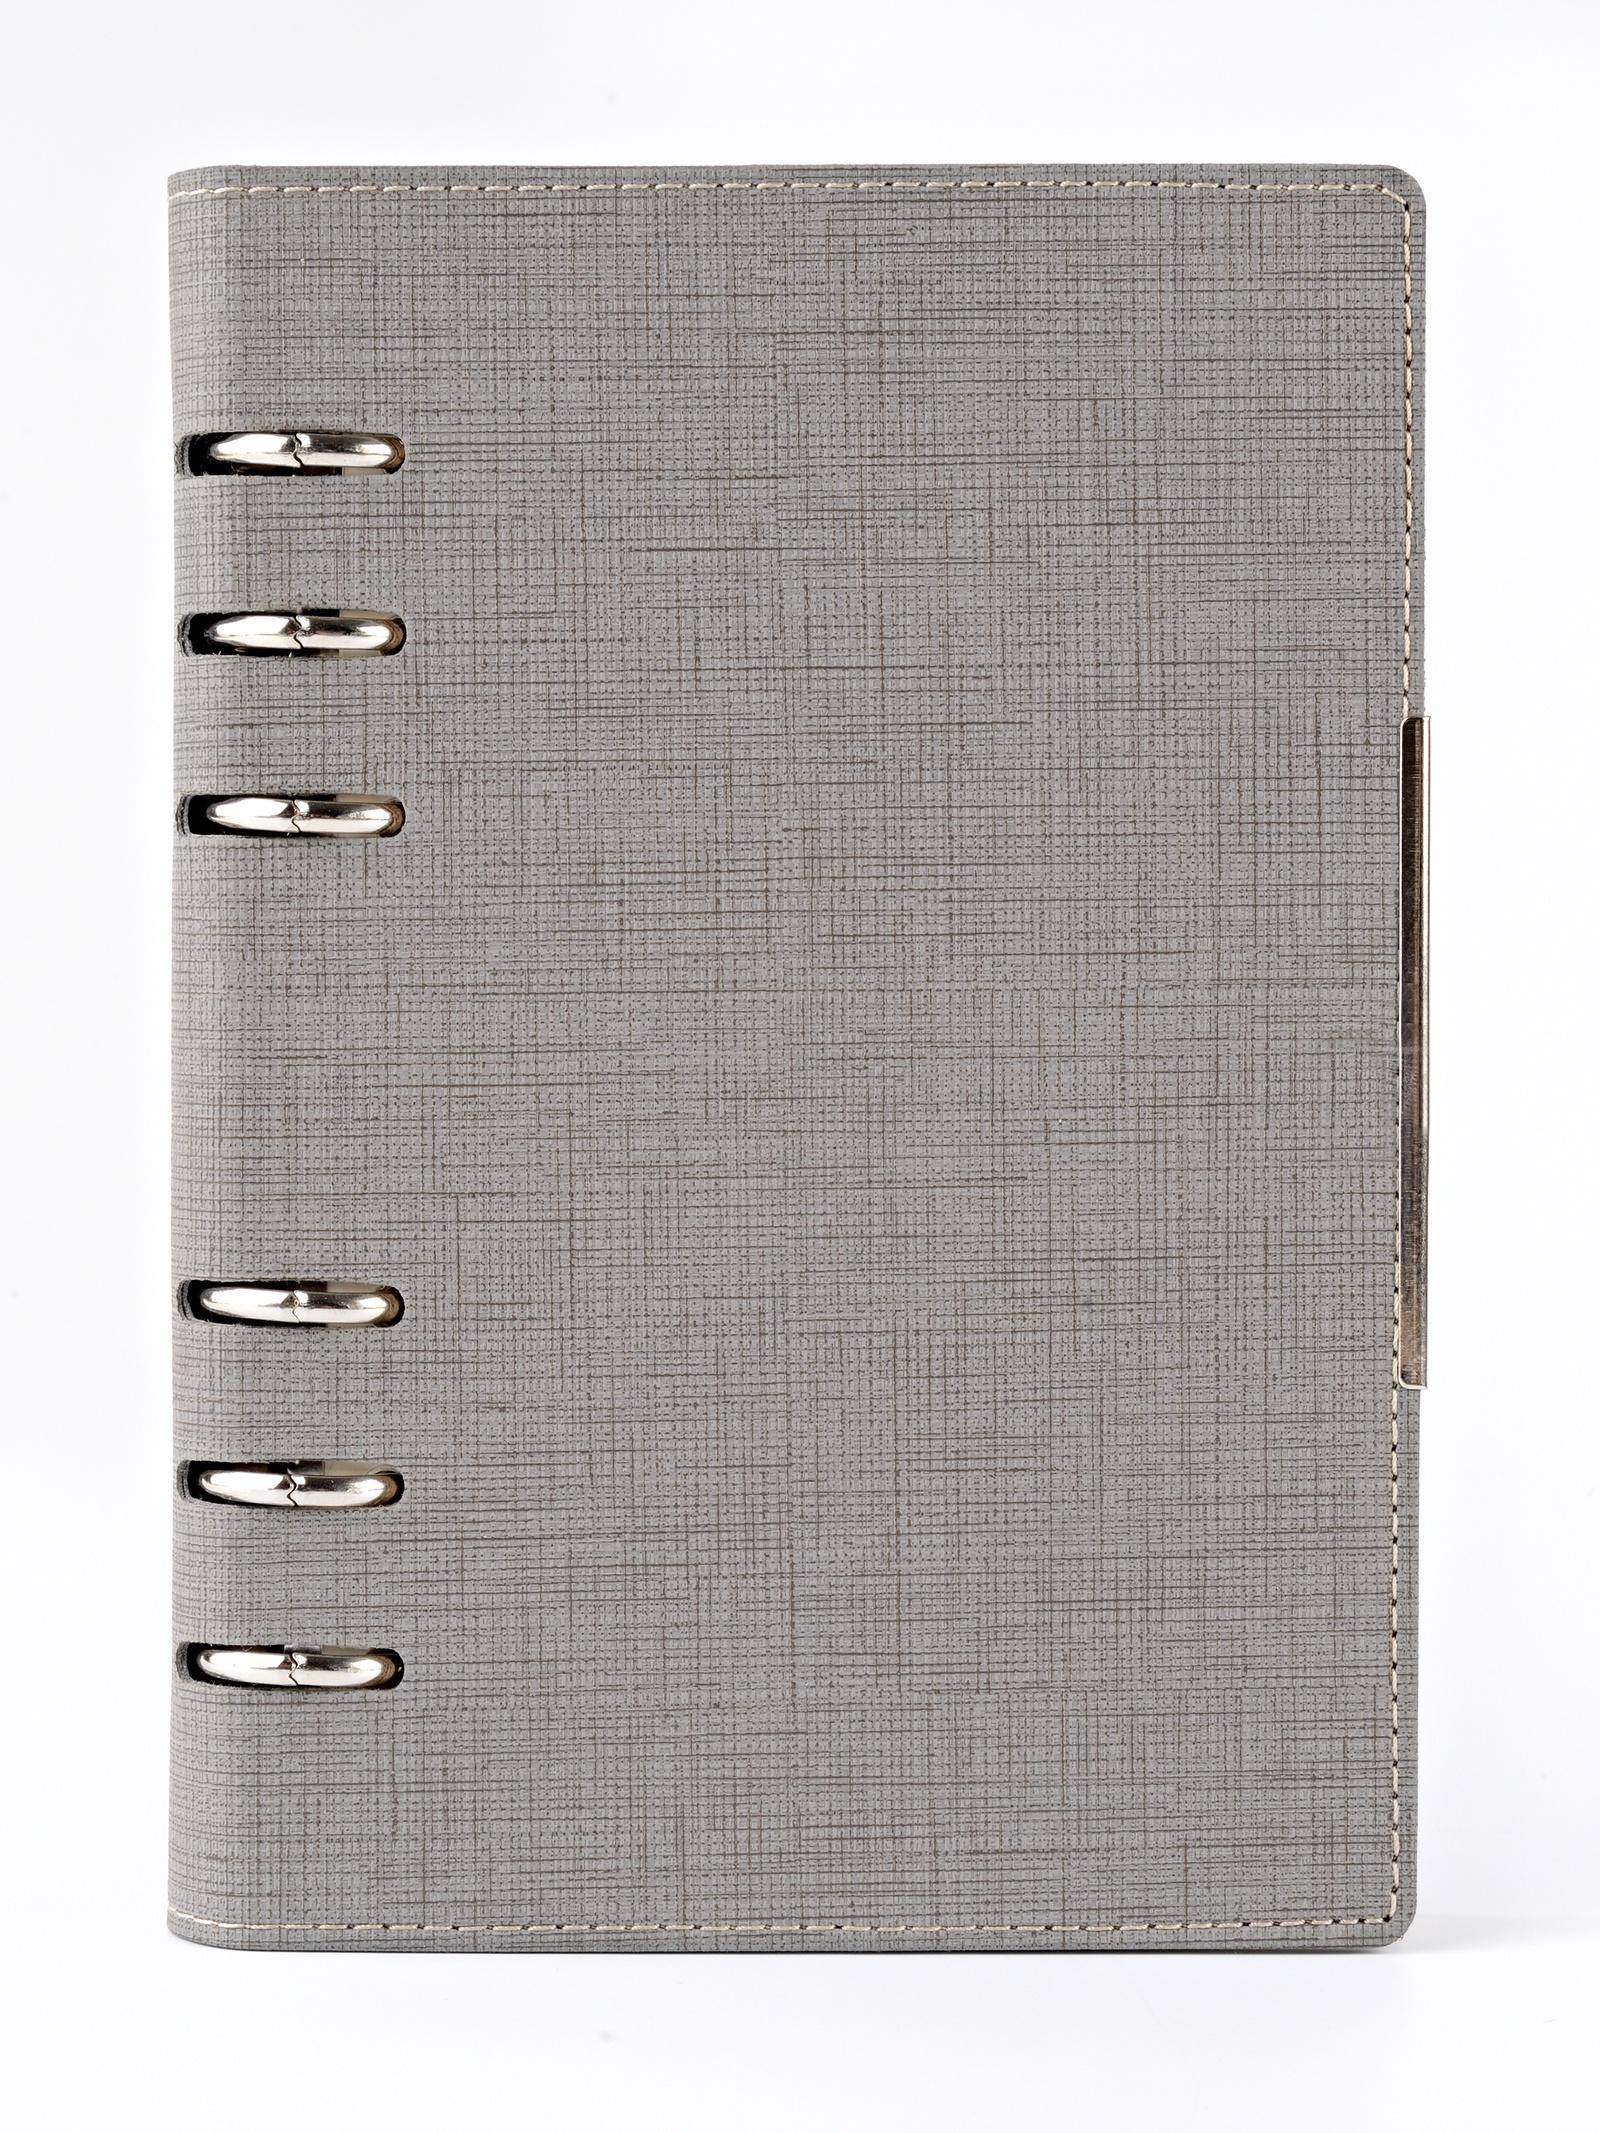 Записная книга-органайзер Precision AGENDA TREND B6